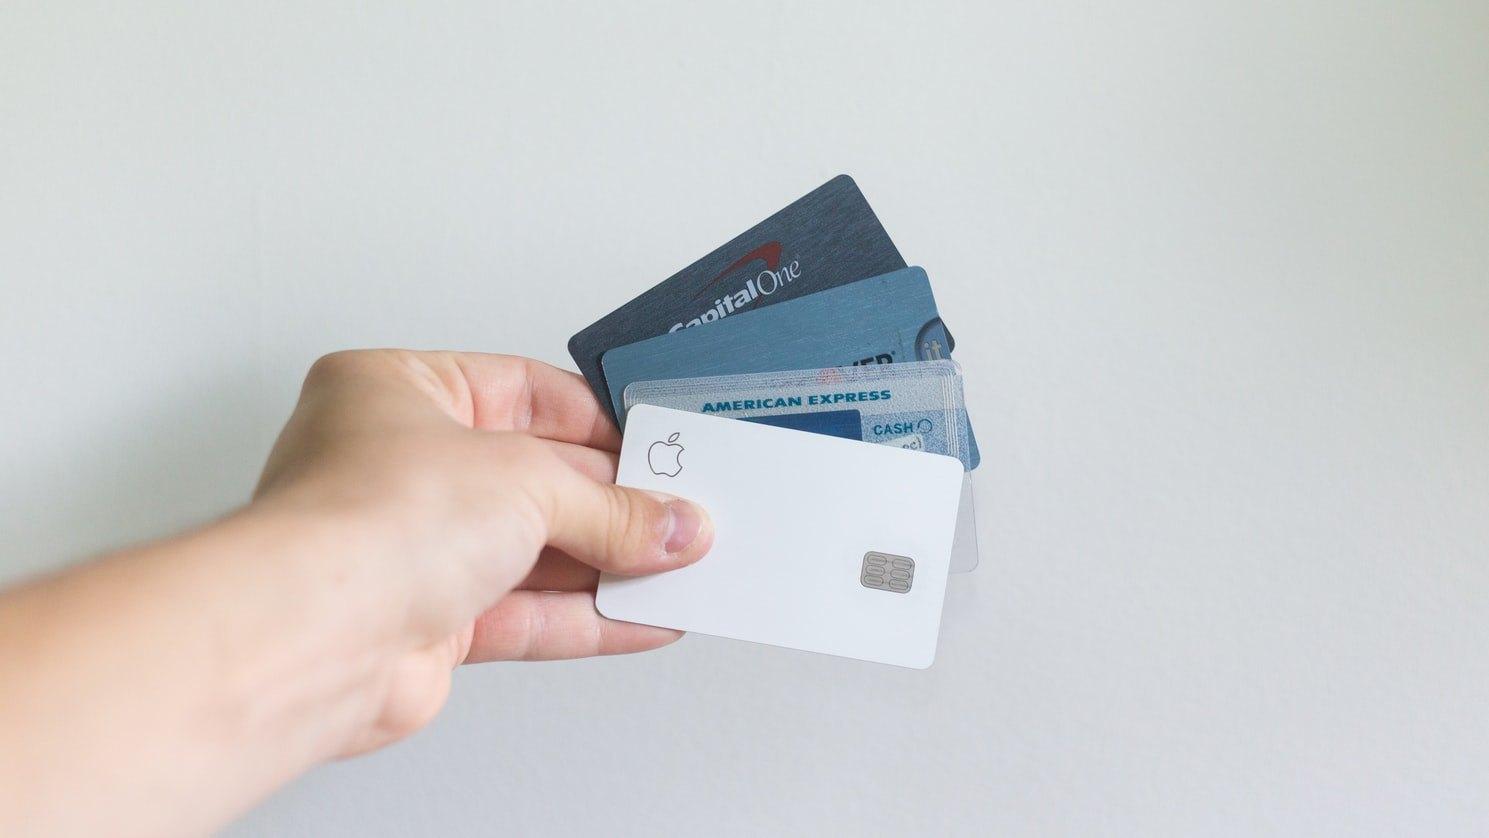 Les 15 Choses à Considérer Avant de Choisir une Carte de Crédit